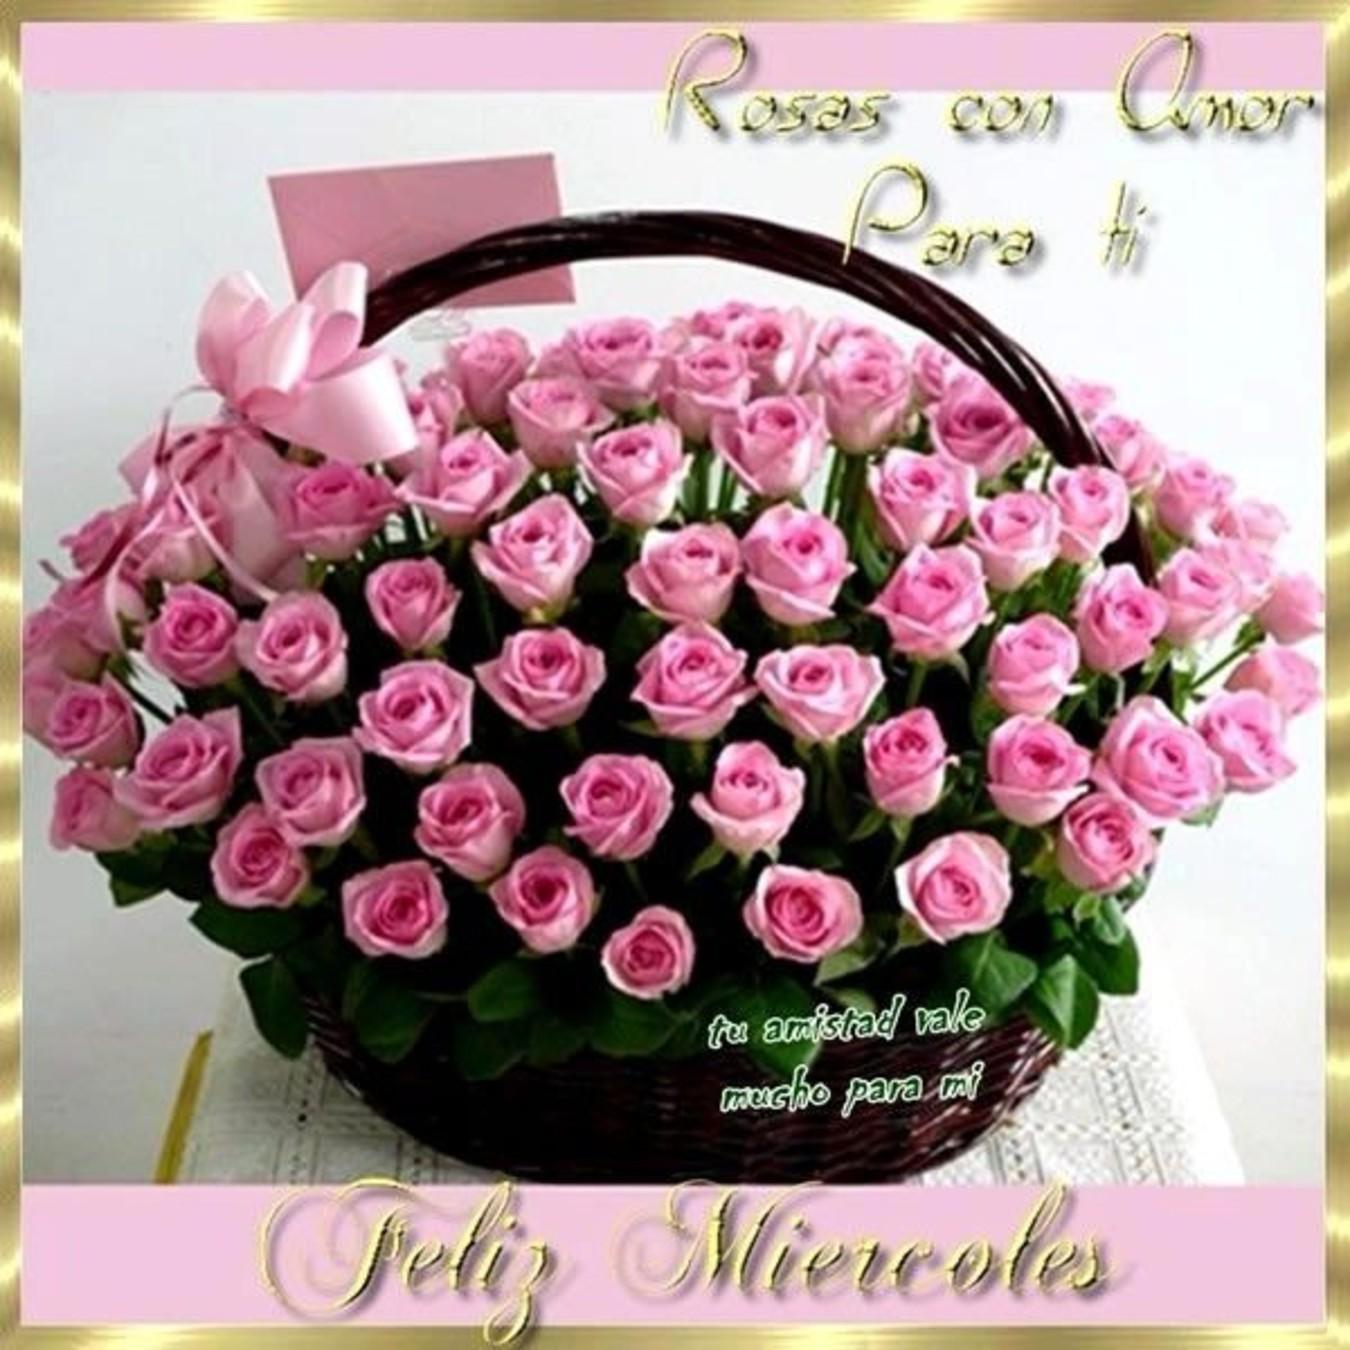 Feliz Miércoles con rosas 269